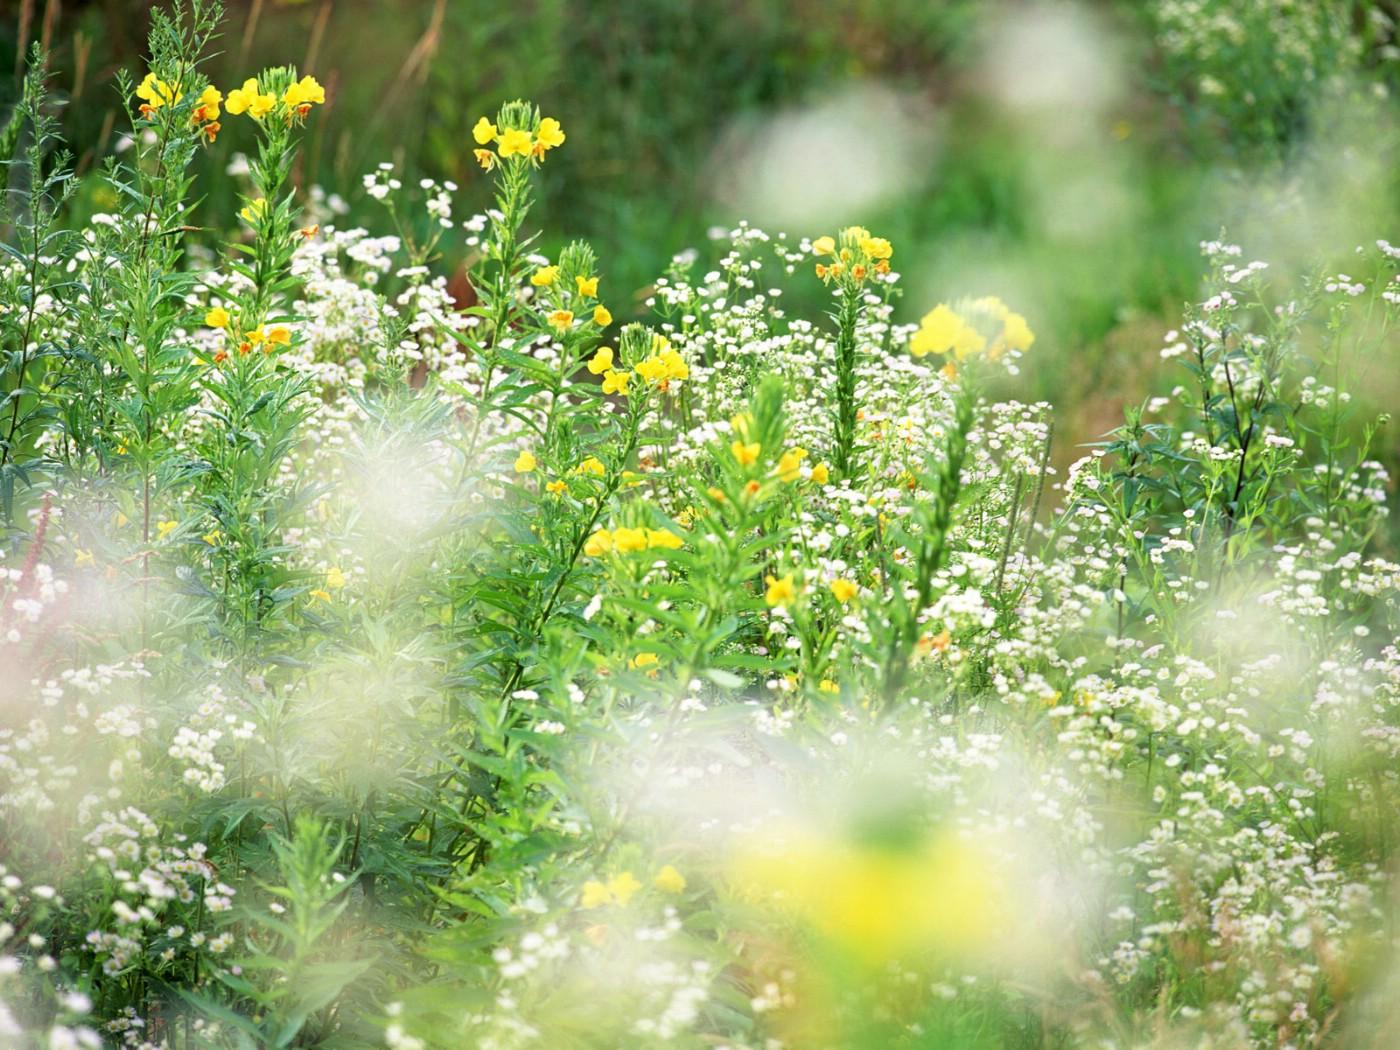 壁纸1400×1050山花烂漫 1 17壁纸 百花盛开 山花烂漫 第一辑壁纸图片花卉壁纸花卉图片素材桌面壁纸